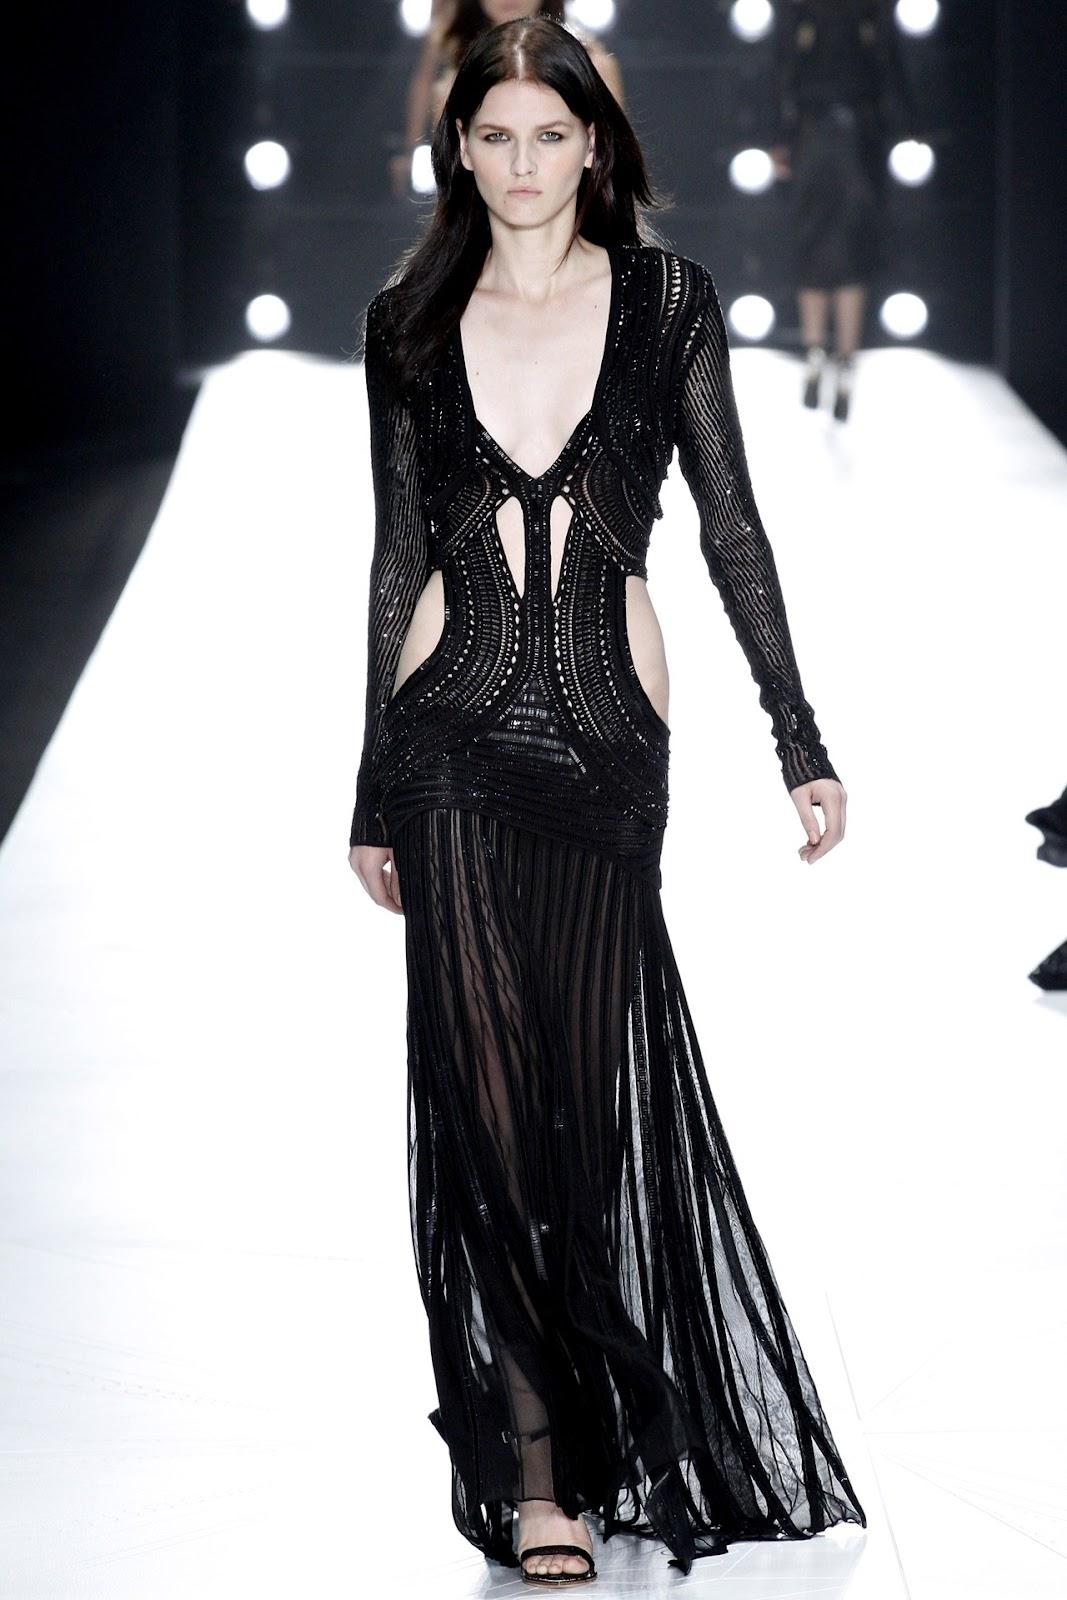 Roberto Cavalli Spring 2013 Milan Fashion Week